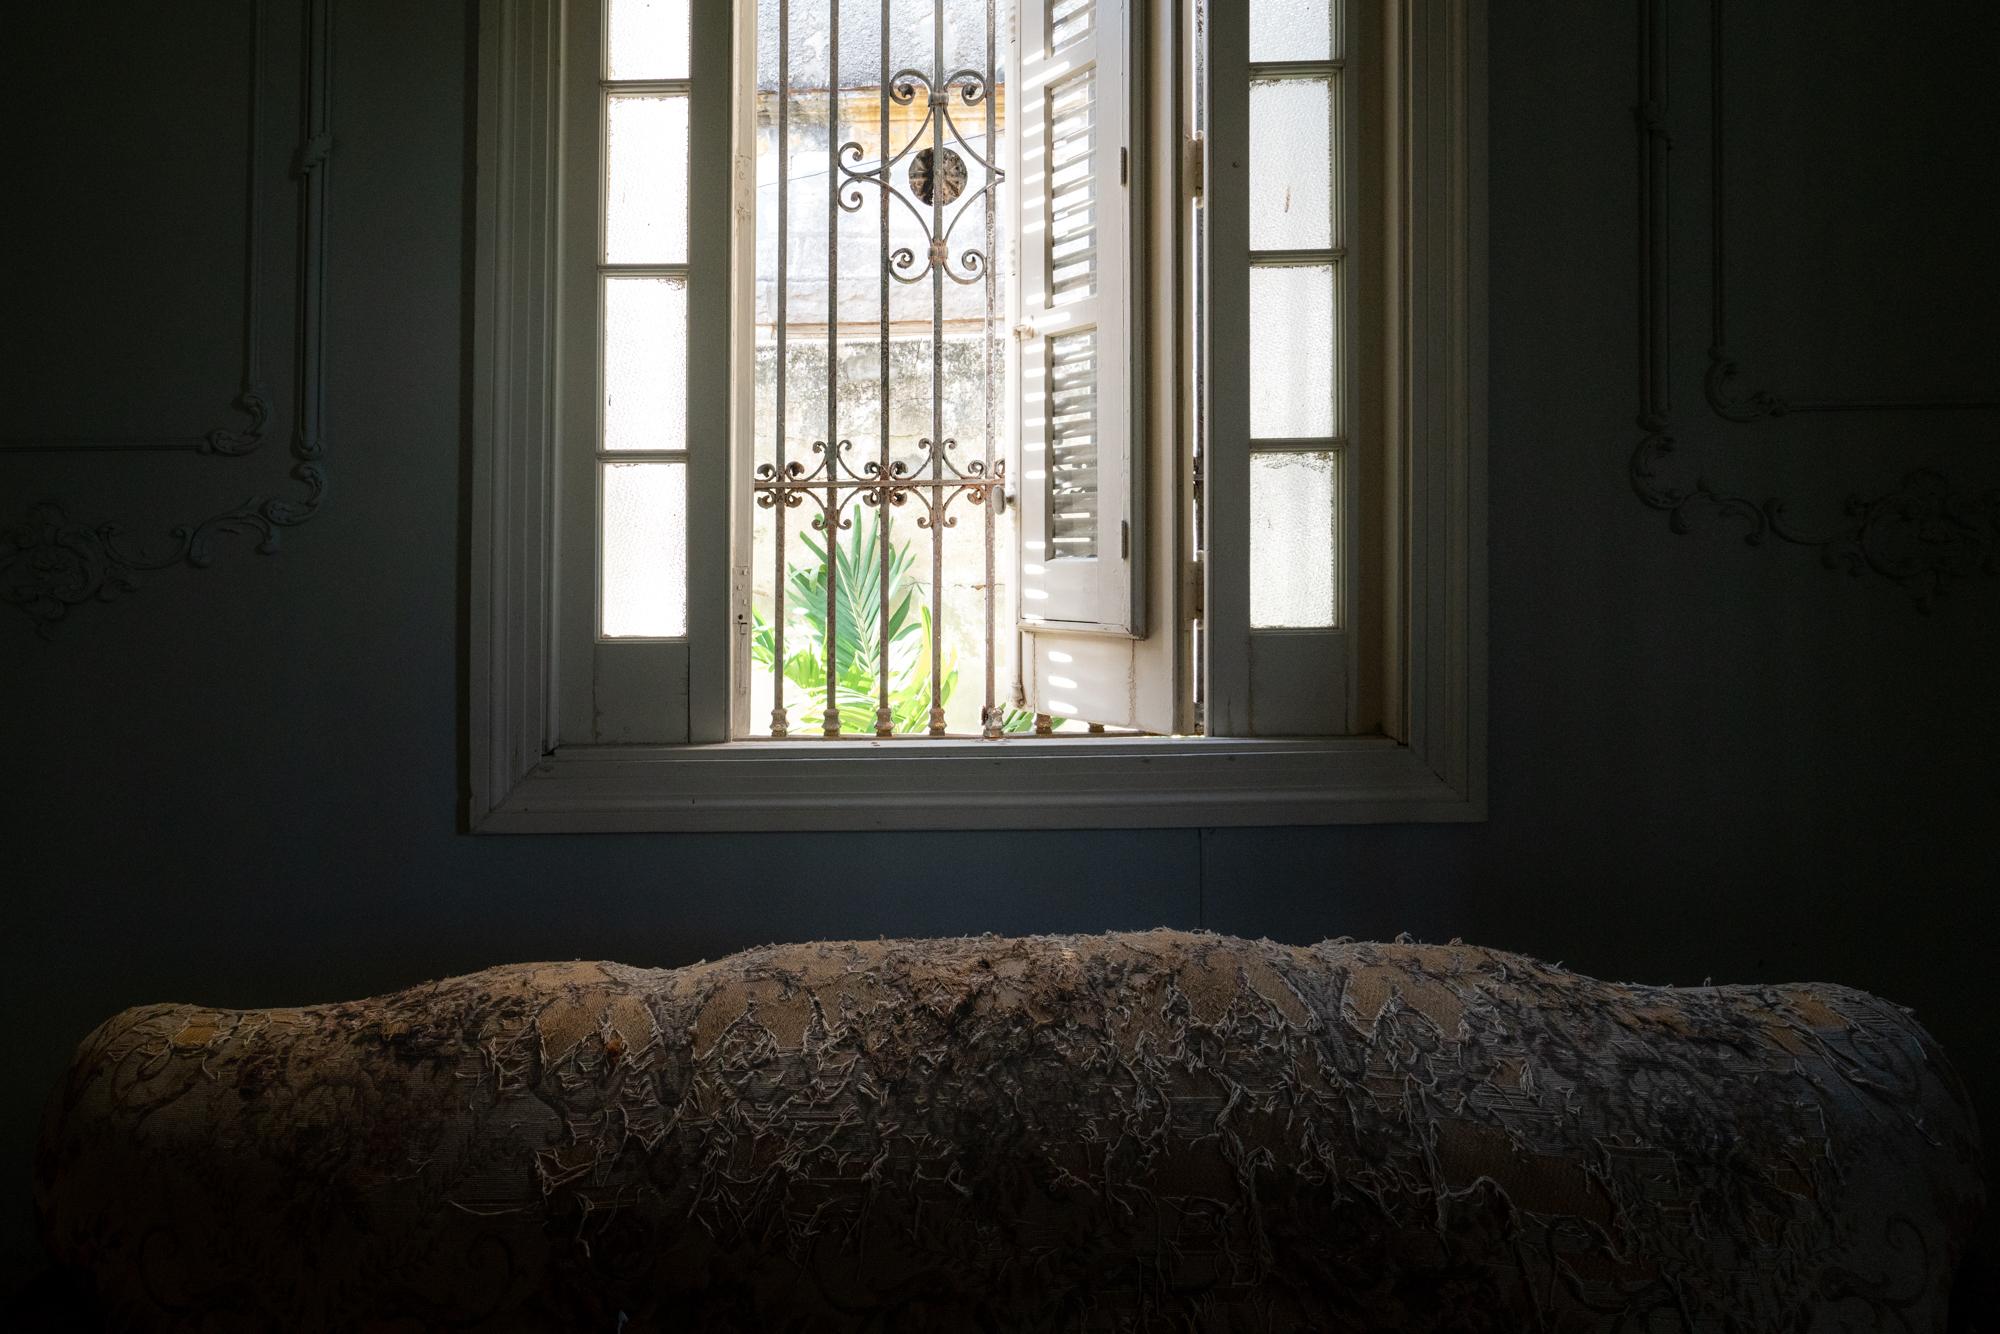 Cuba intimate sin título2018-07565 7952 x 5304.jpg